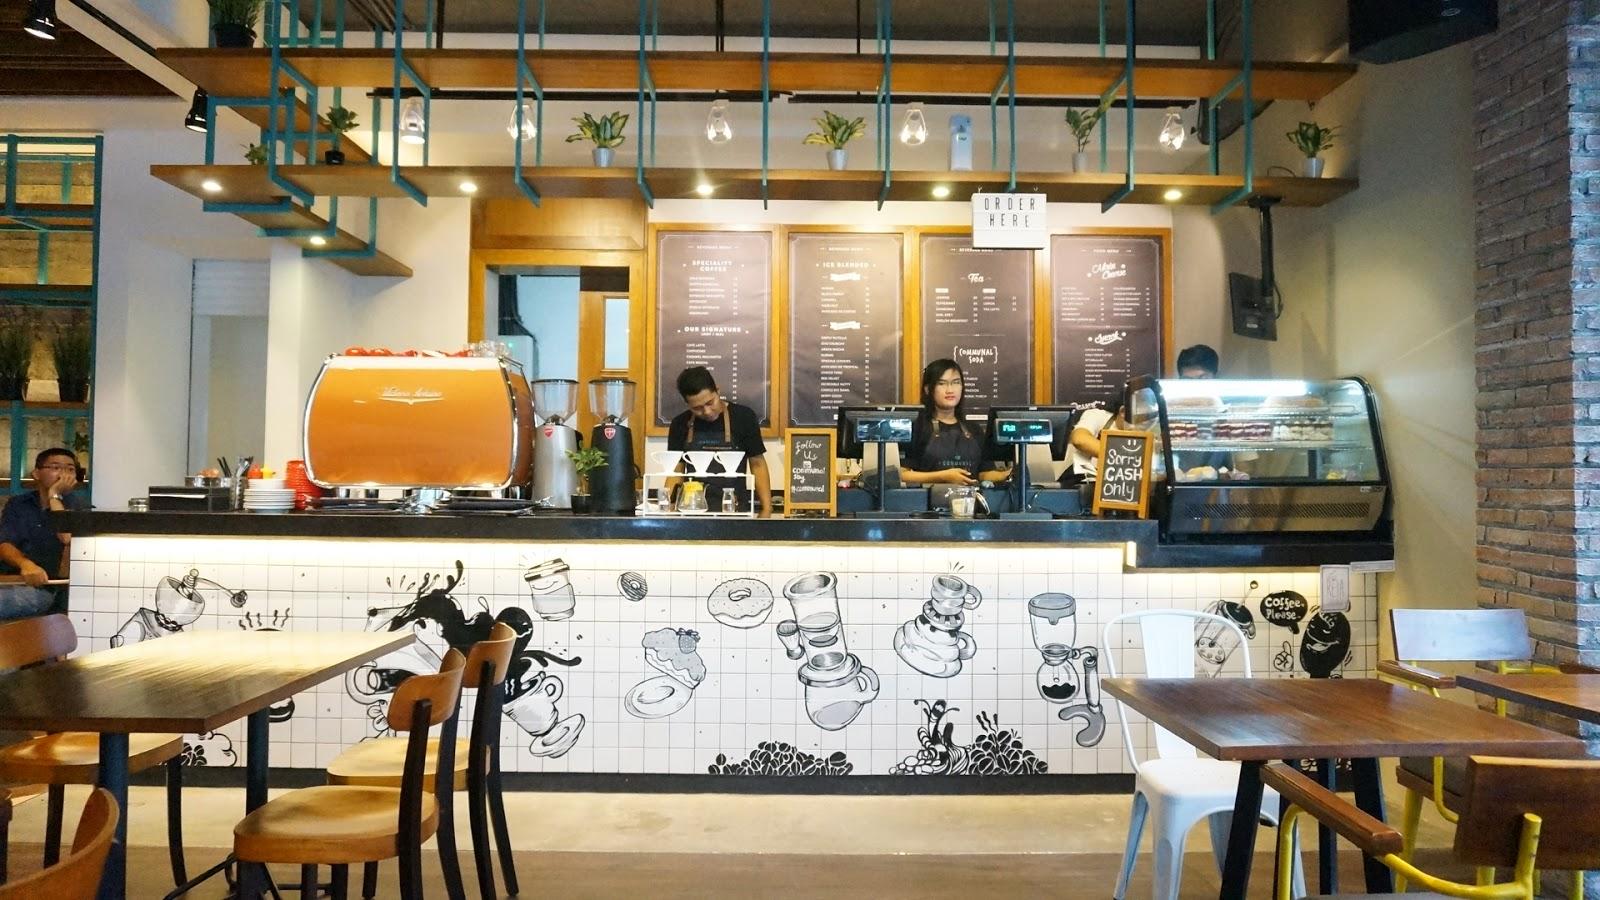 5 Tempat Ngopi Favorit Di Surabaya Ini Bener Bener Idola Carimakanaja